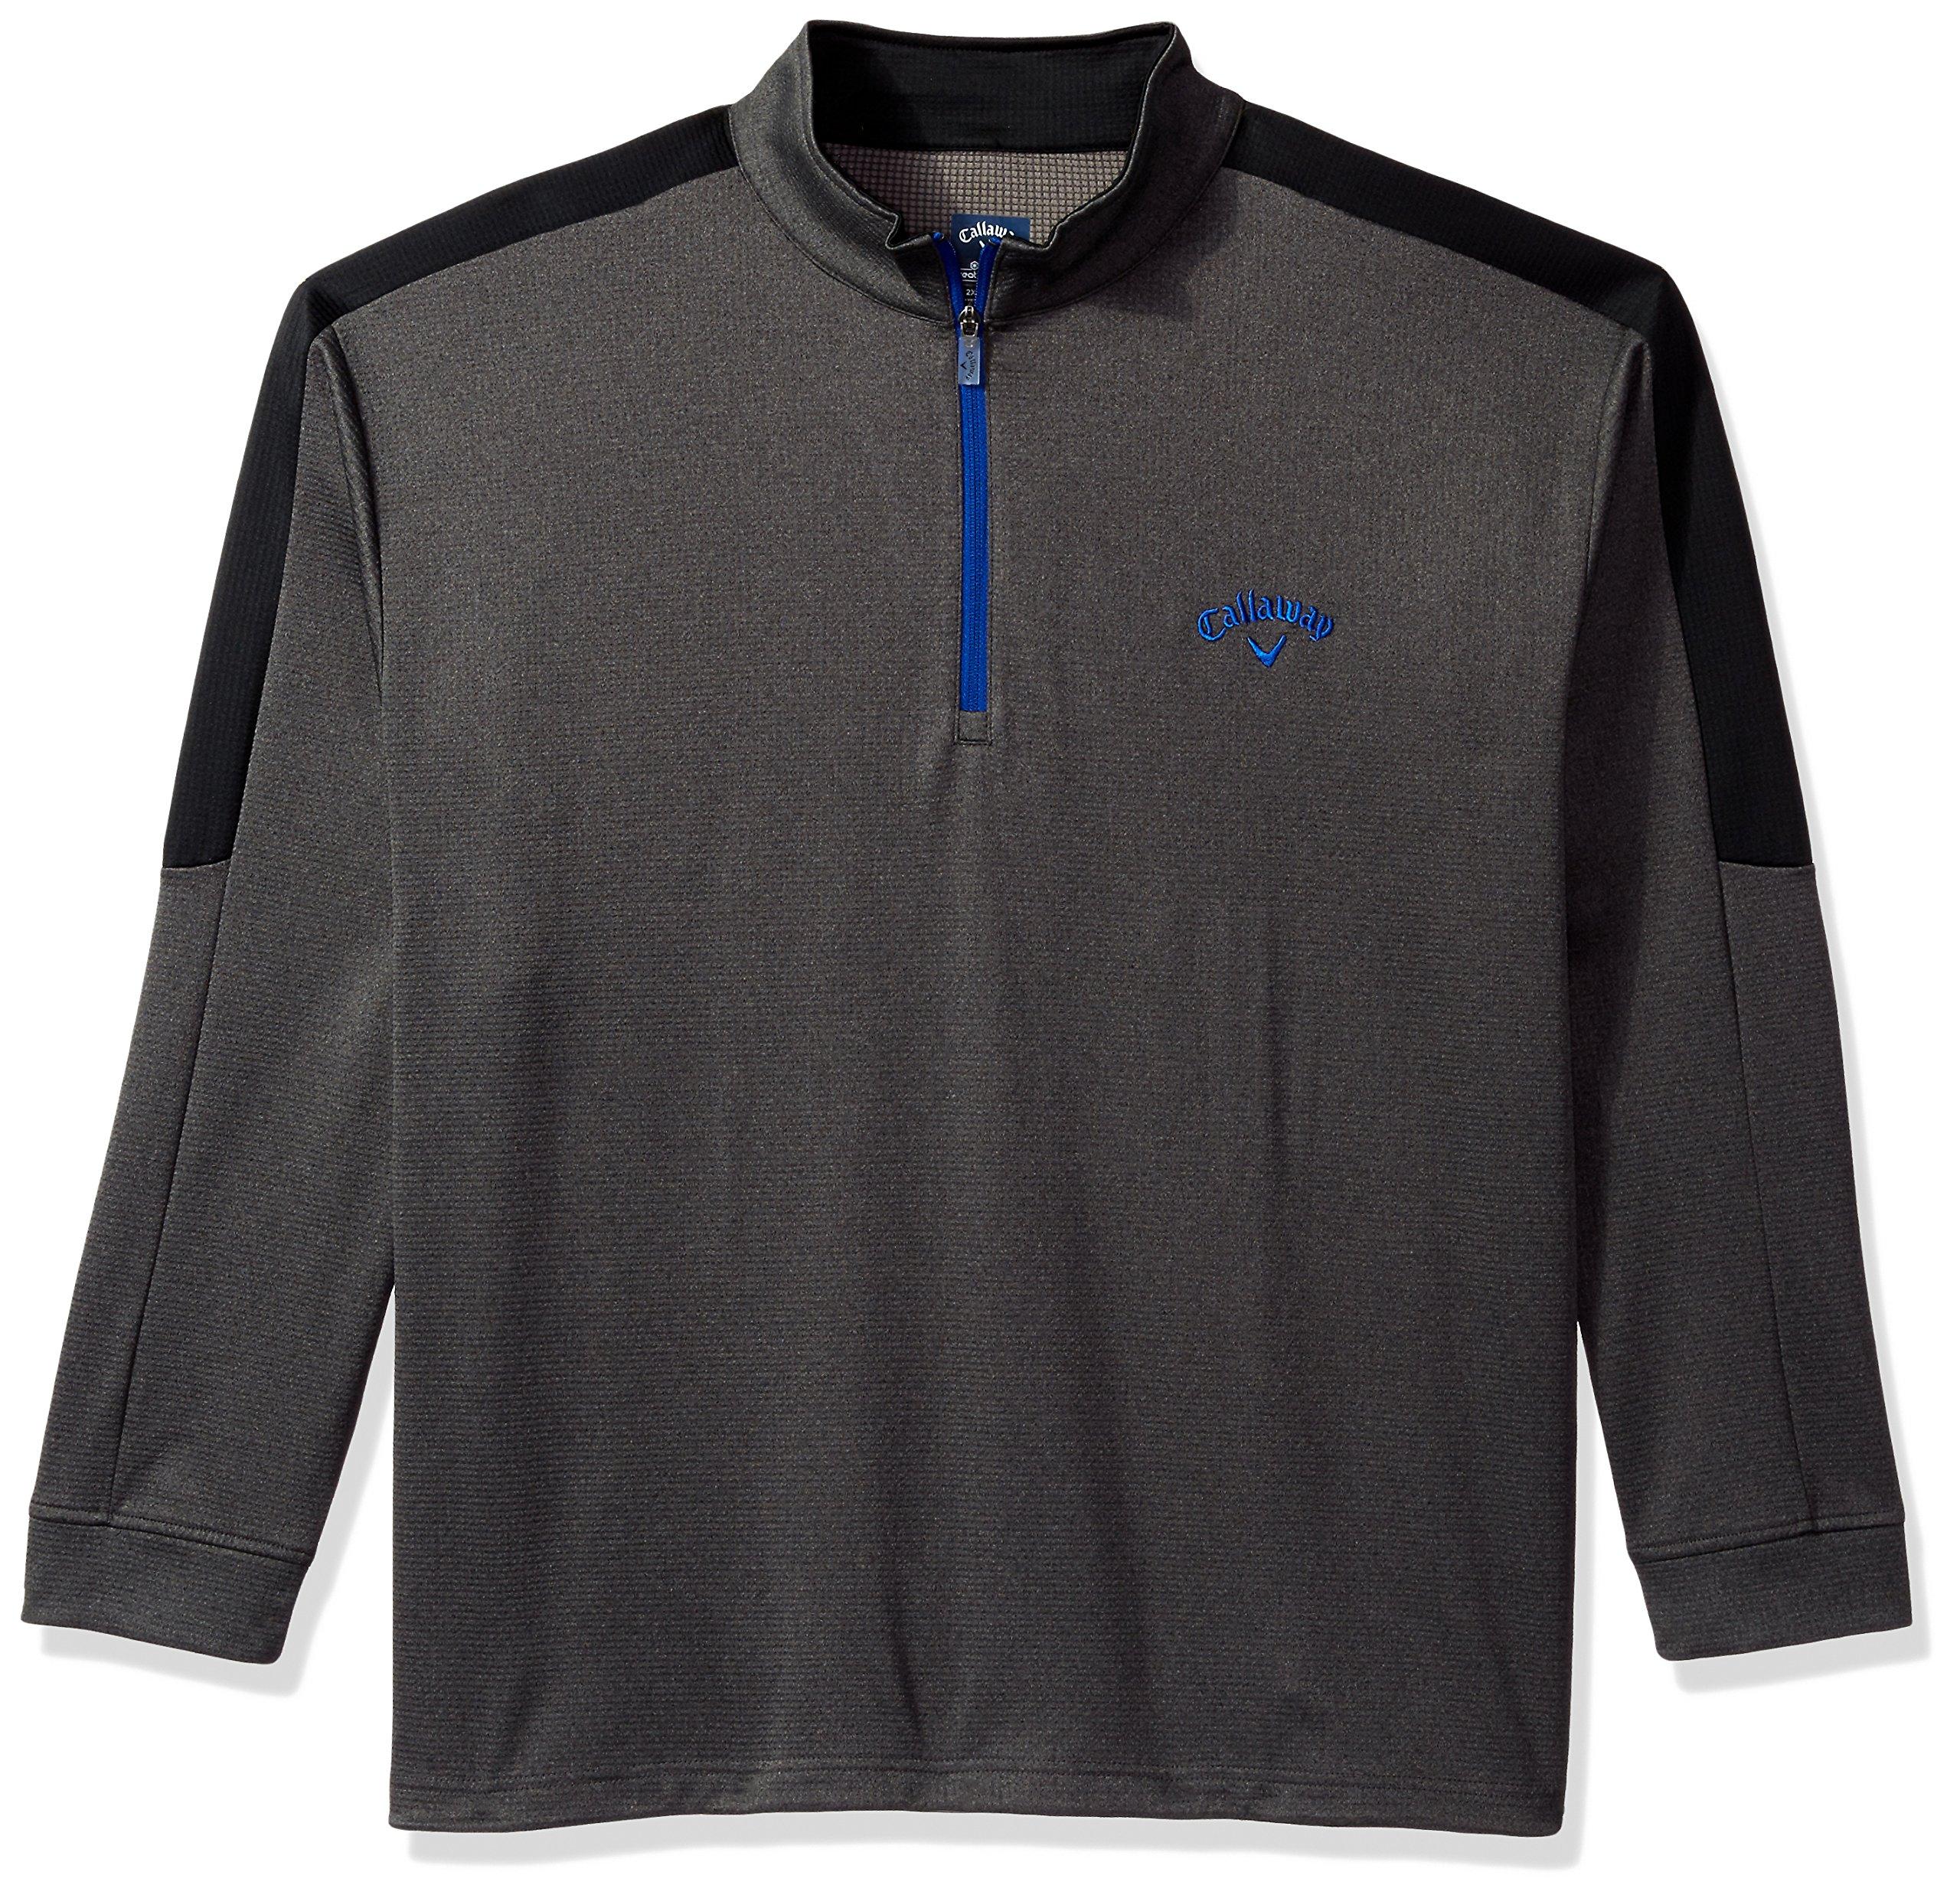 Callaway Men's Big & Tall Opti Therm Long Sleeve Heather Waffle Fleeced 1/4 Zip Midlayer Jacket